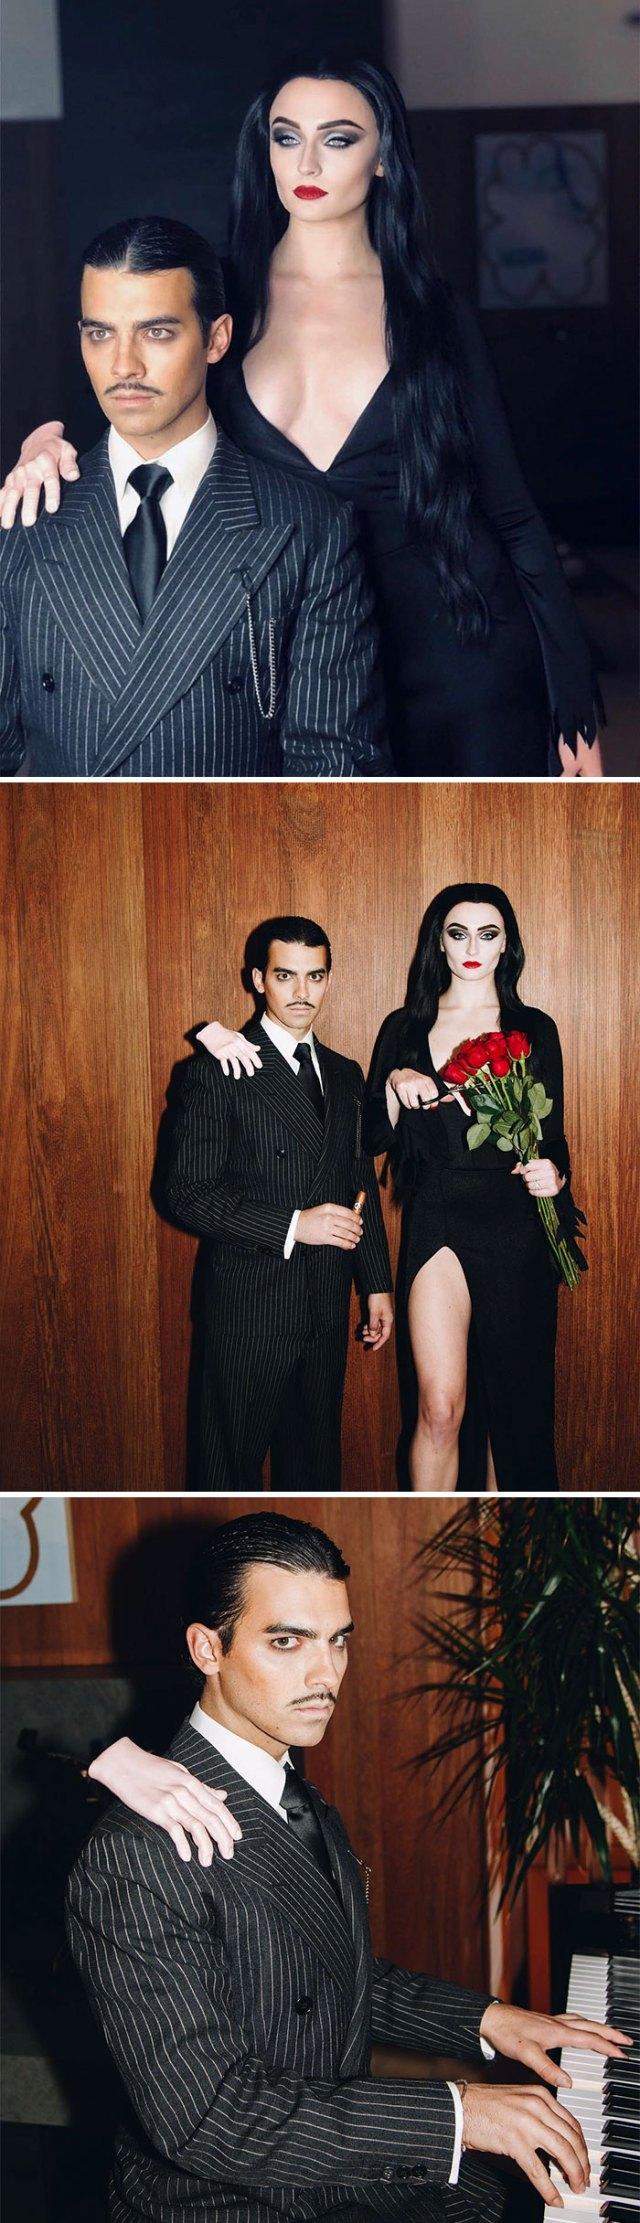 Sophie Turner y Joe Jonas como Morticia y Gomez Addams